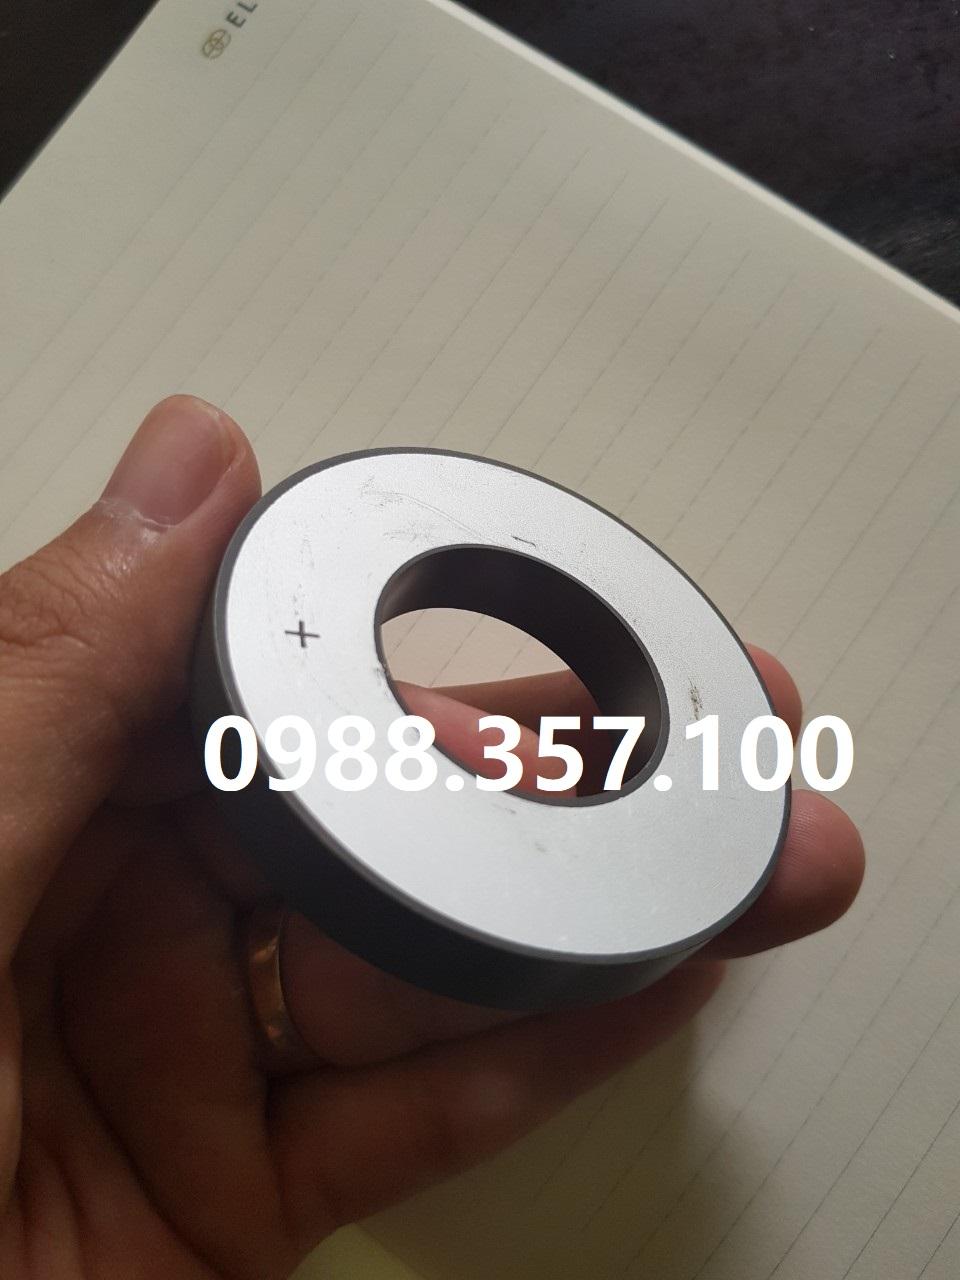 84dbd8aa06cdfb93a2dc - Hướng dẫn lắp vòng gốm thạch anh siêu âm tại nhà.